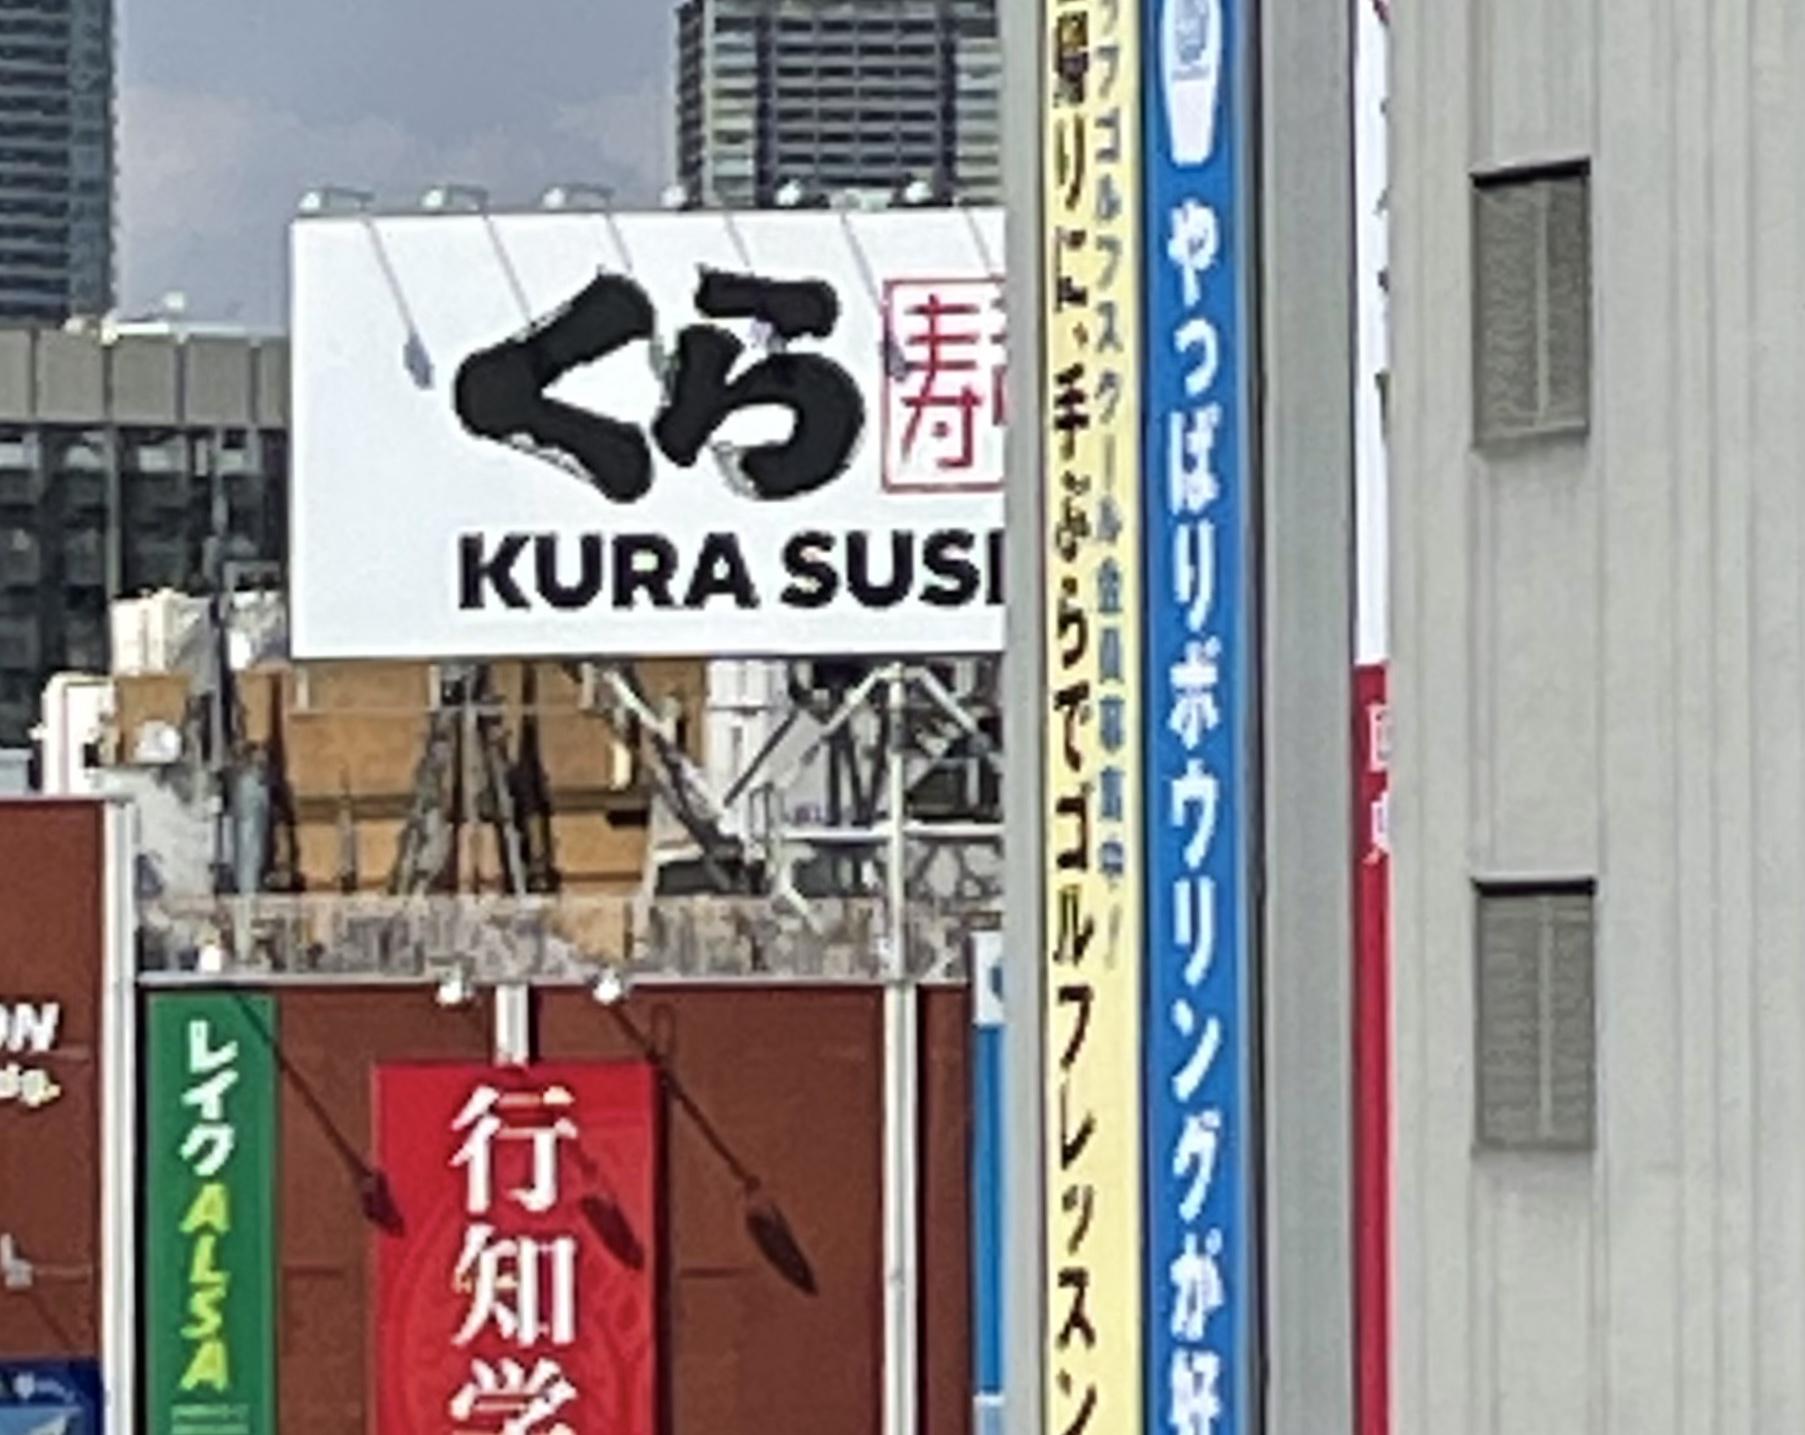 高田馬場に看板だけあった「くら寿司」がオープン